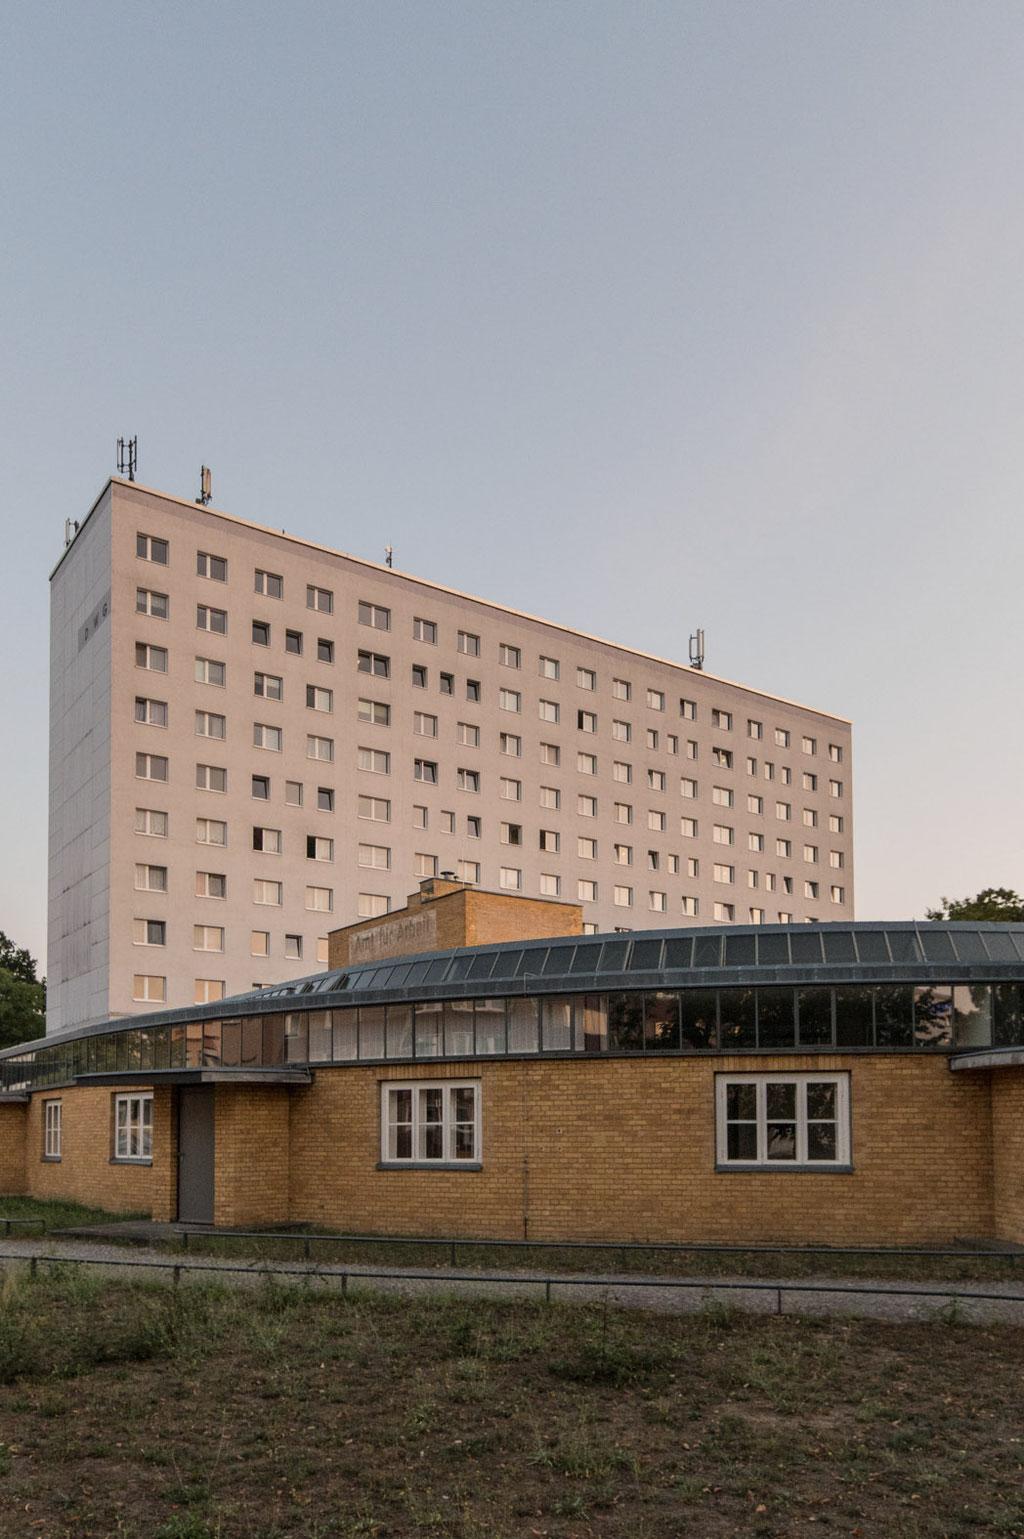 Arbeitsamt (Walter Gropius), heute Ordnungsamt, Dessau (D)